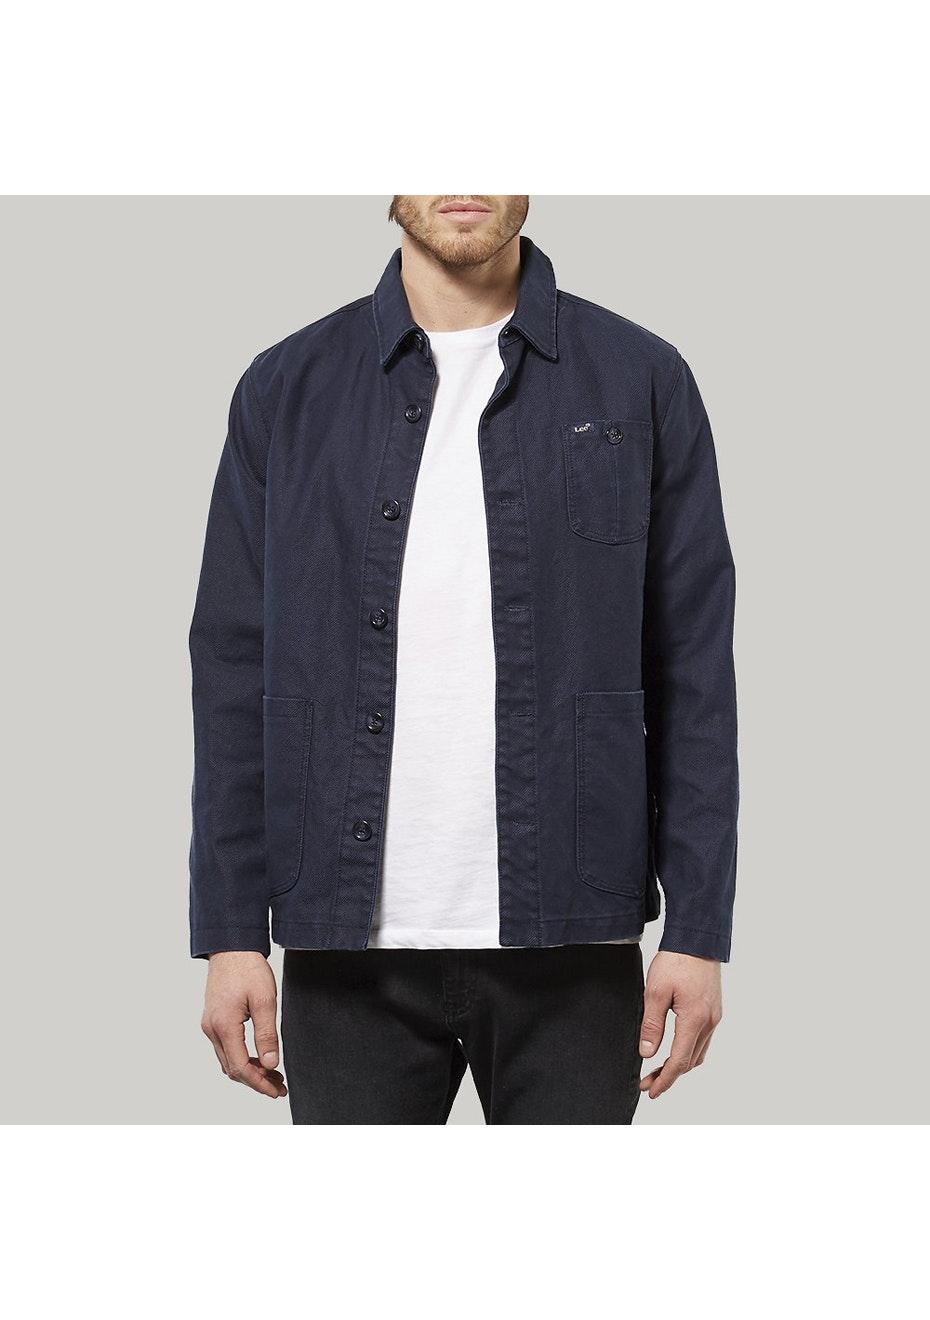 Lee - Mens - Worker Jacket Navy